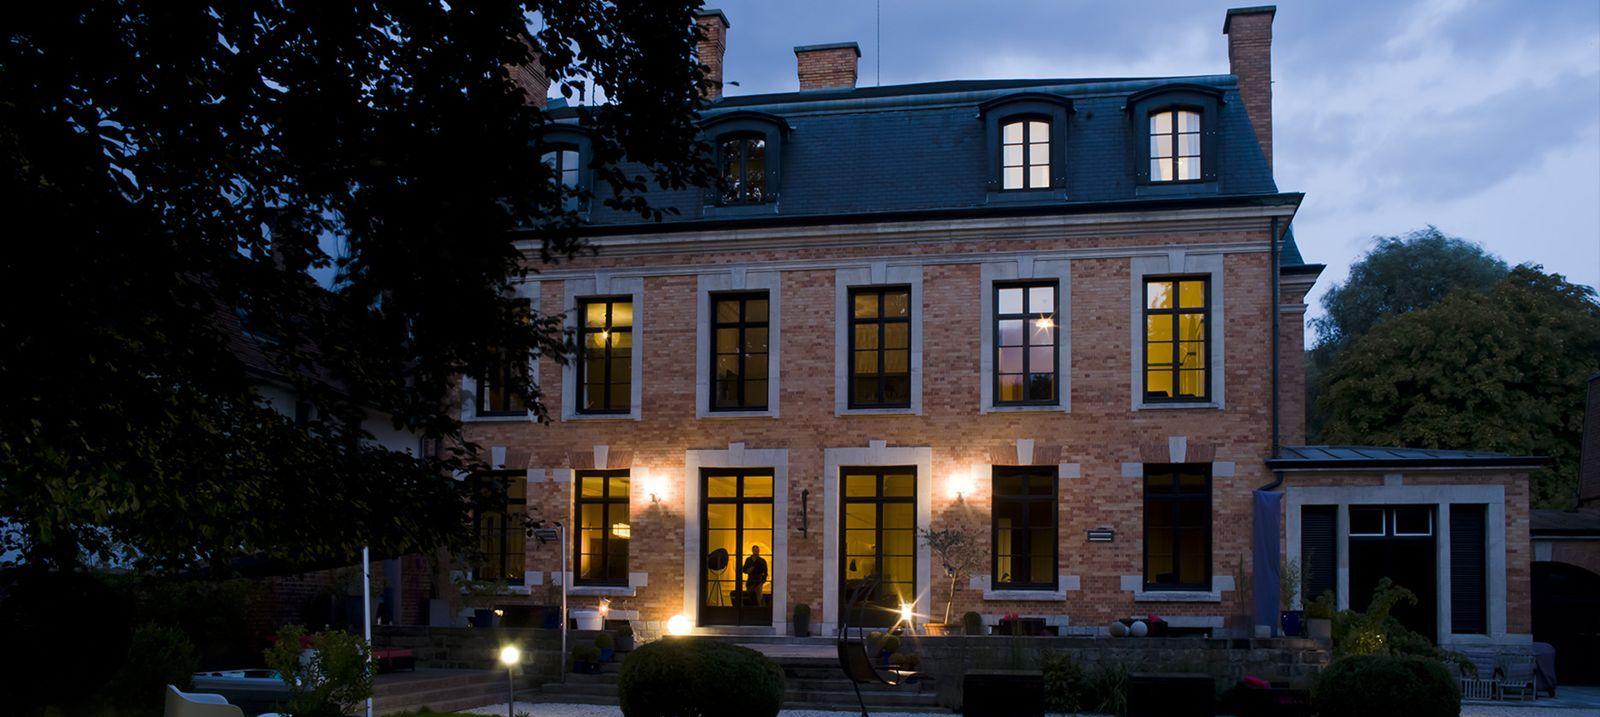 chambre d'hôtes villa paula à tourcoing   lieux & voyages   pinterest